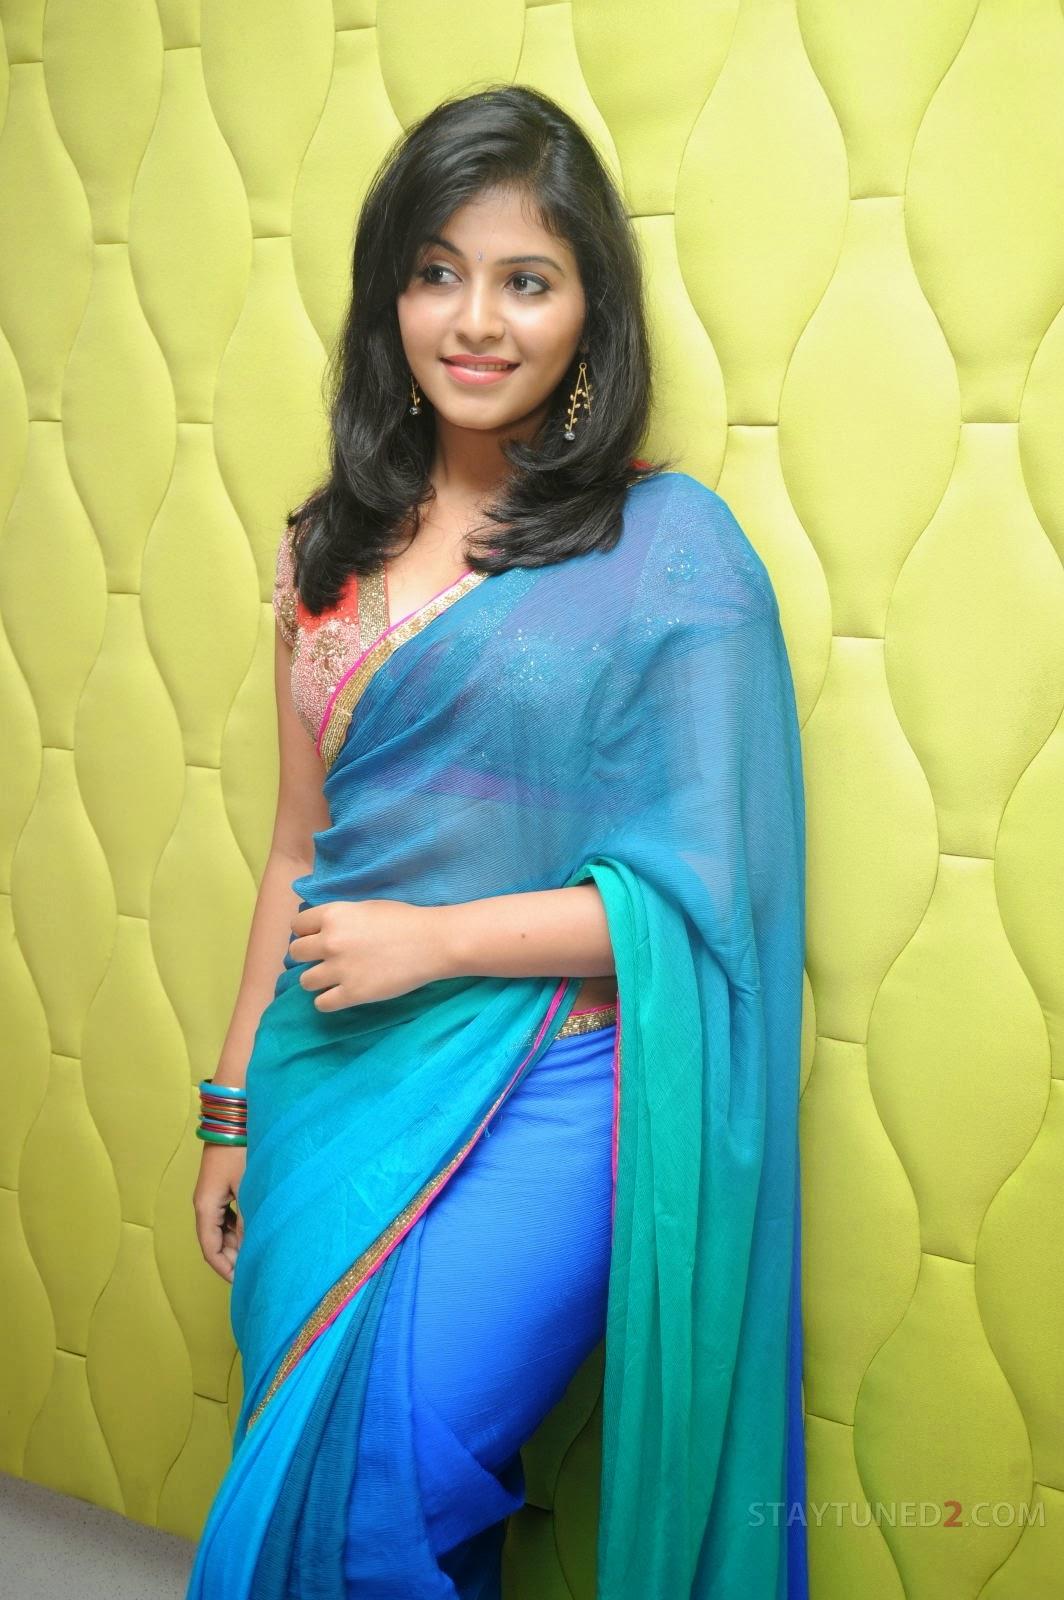 Anjali in saree, Anjali in blue saree